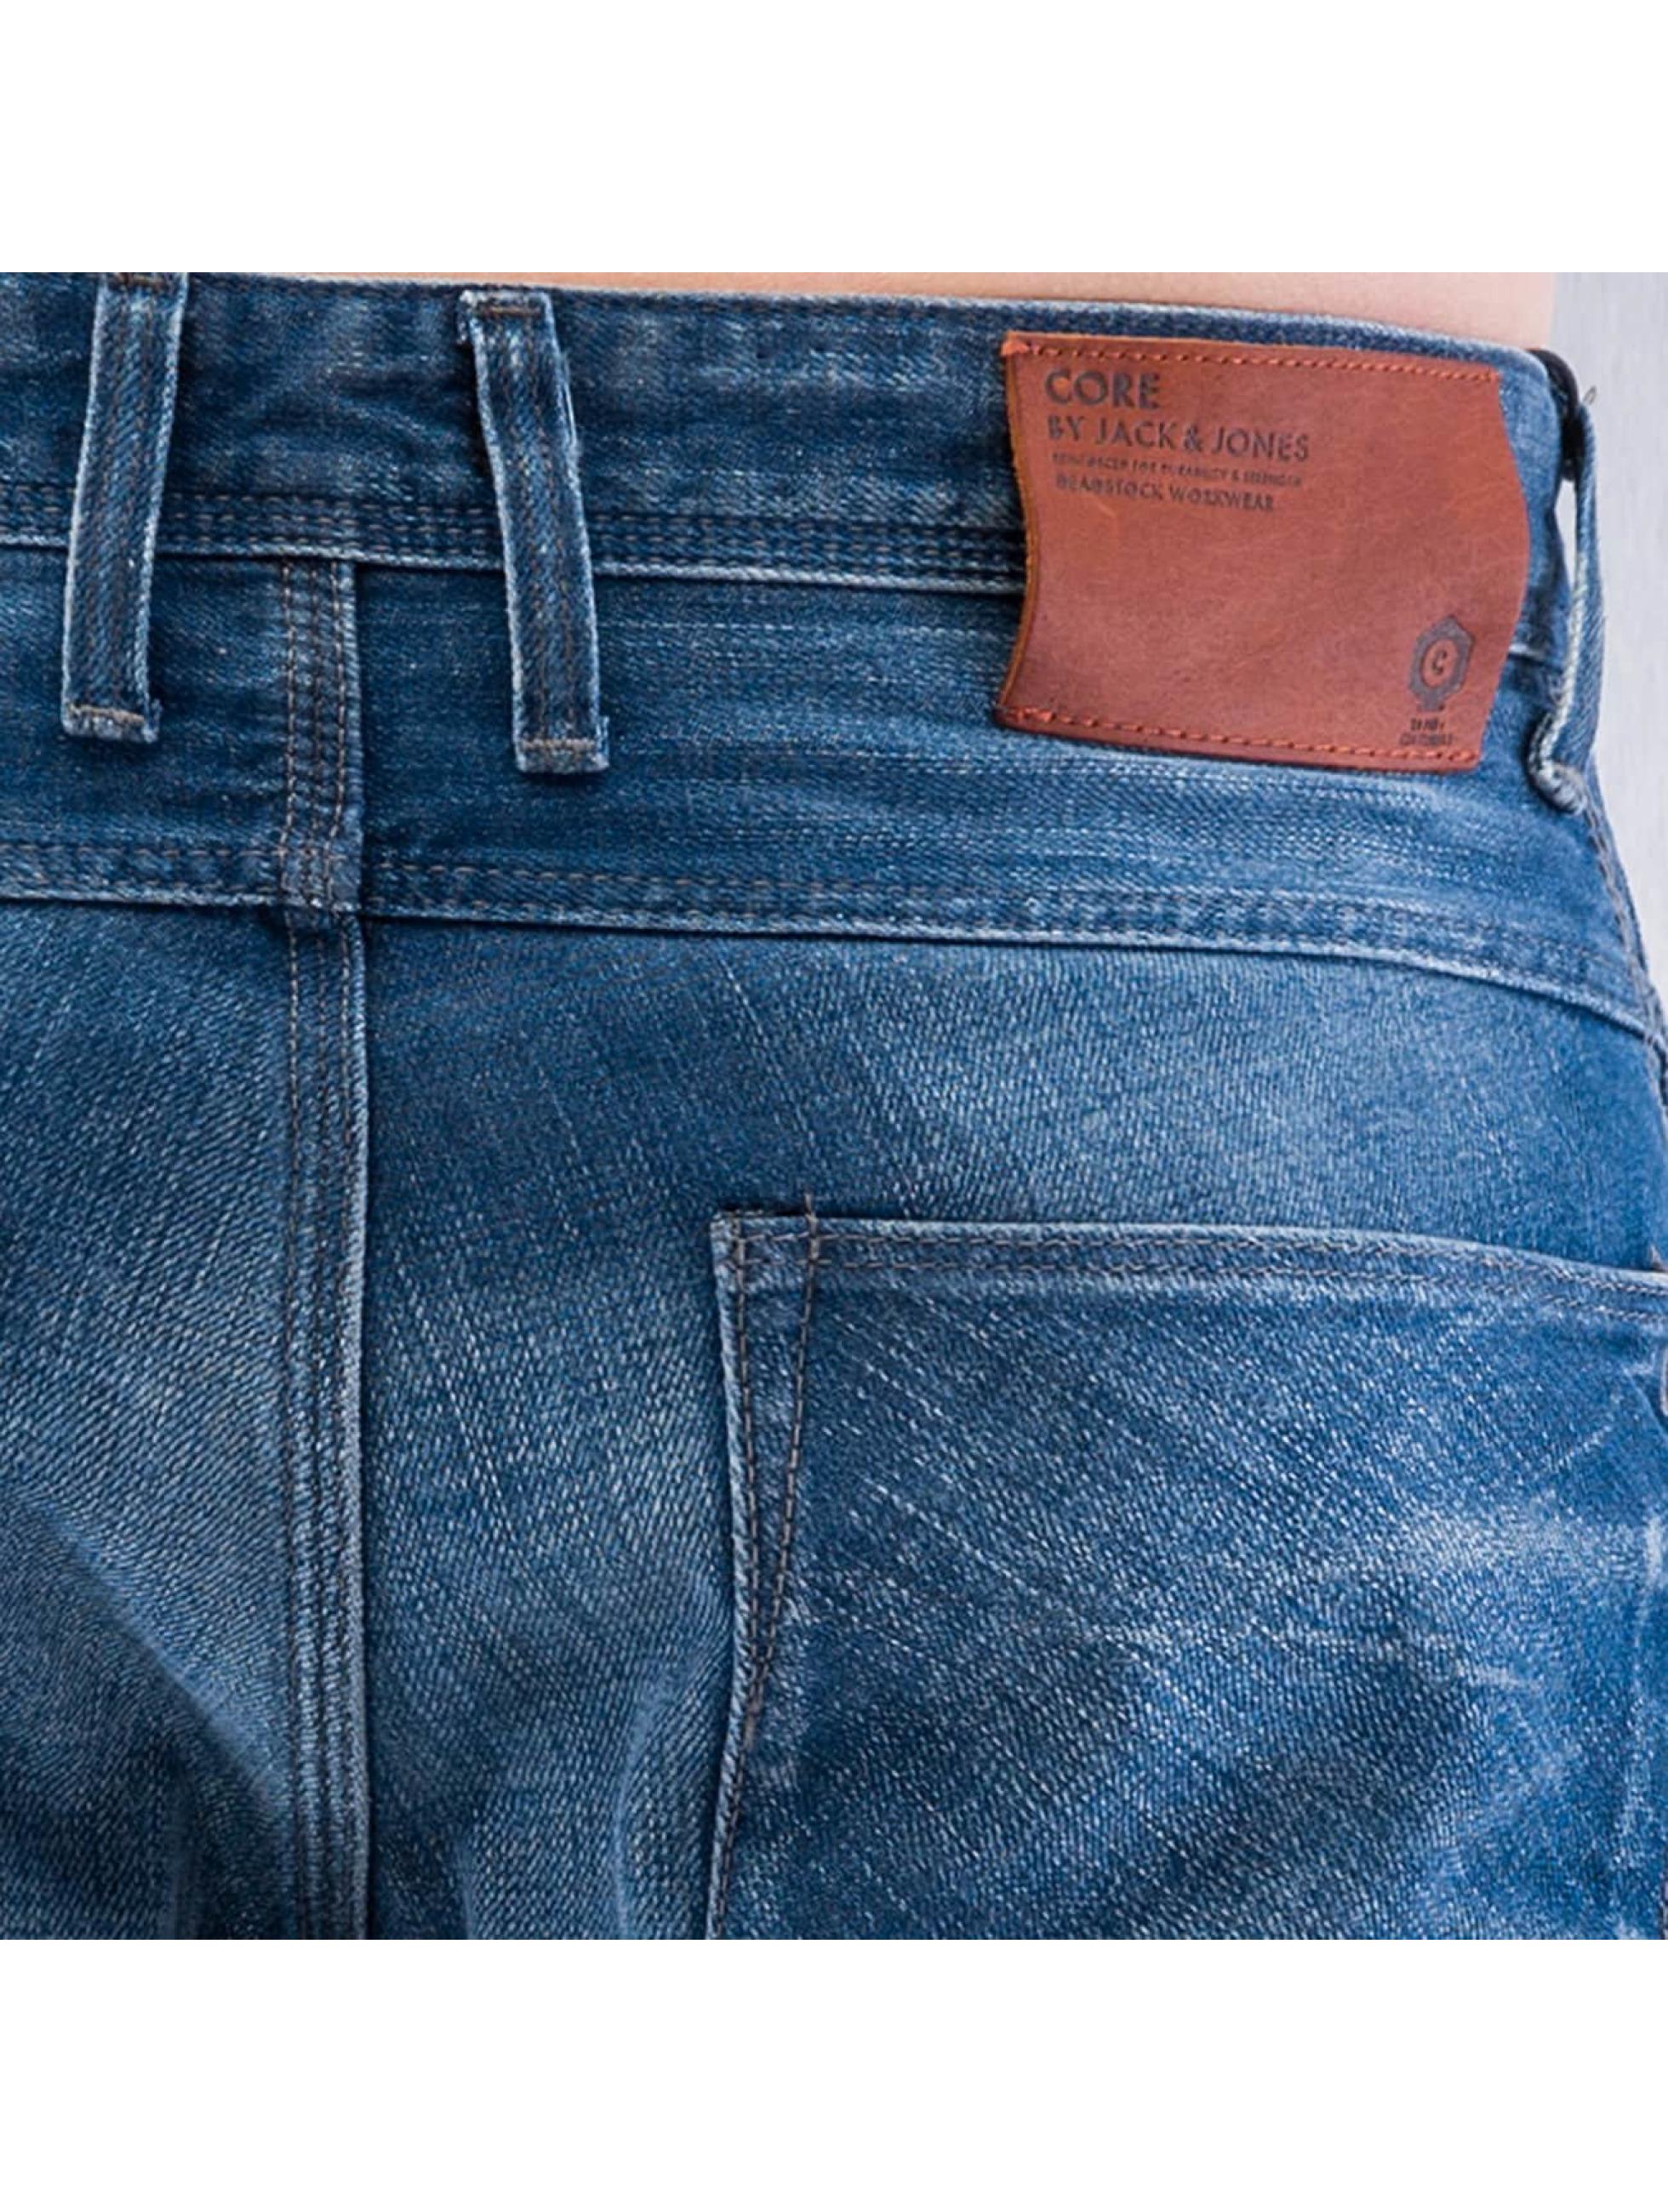 Jack & Jones Straight Fit Jeans jjBoxy jjLeed blau